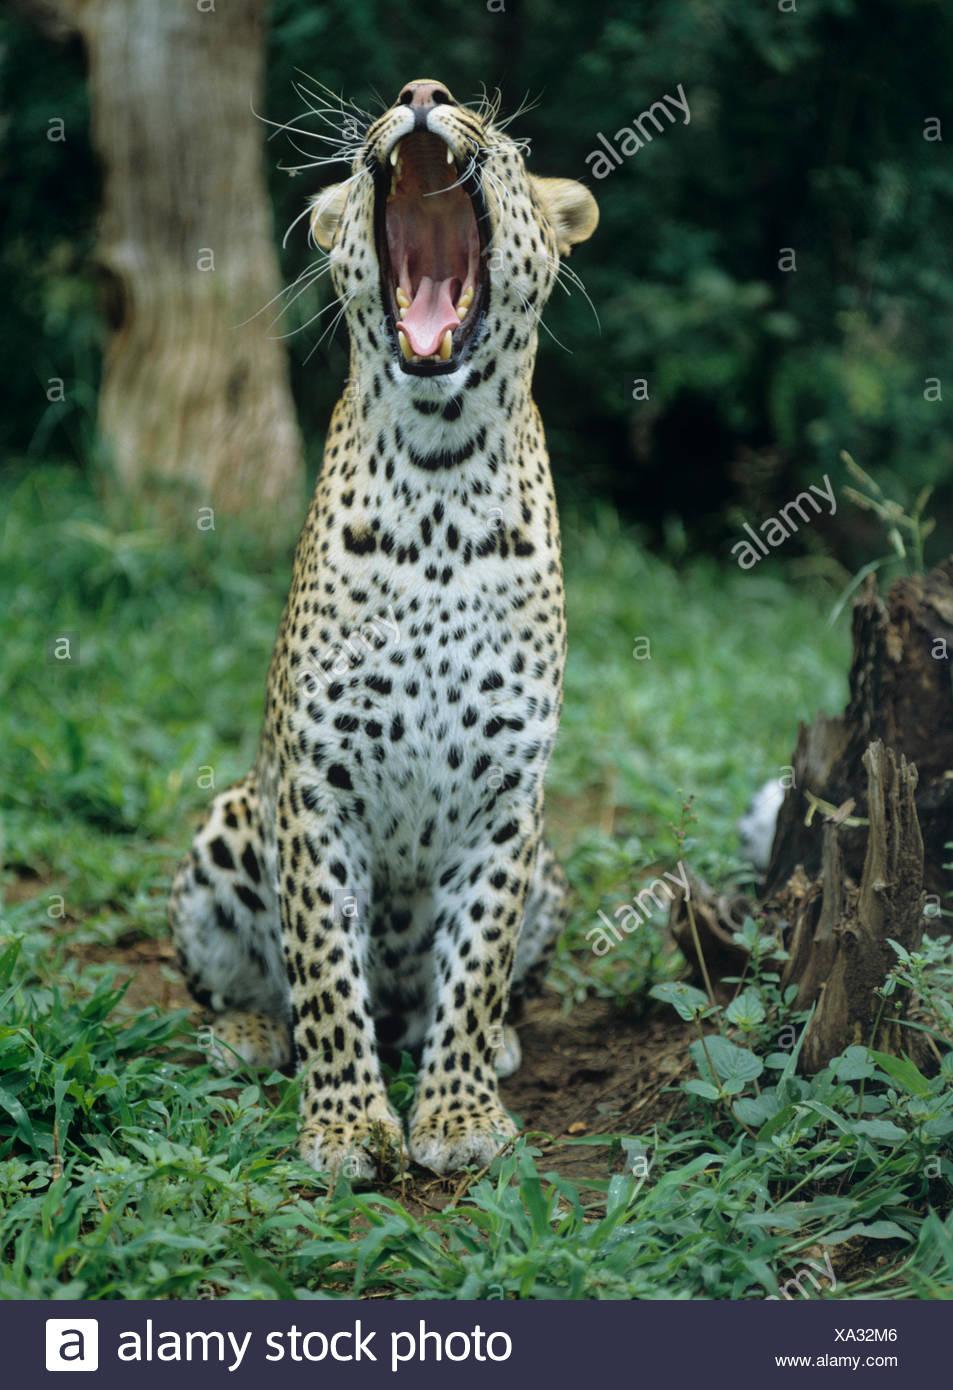 Leopard (Panthera pardus), le bâillement, au Zimbabwe Photo Stock